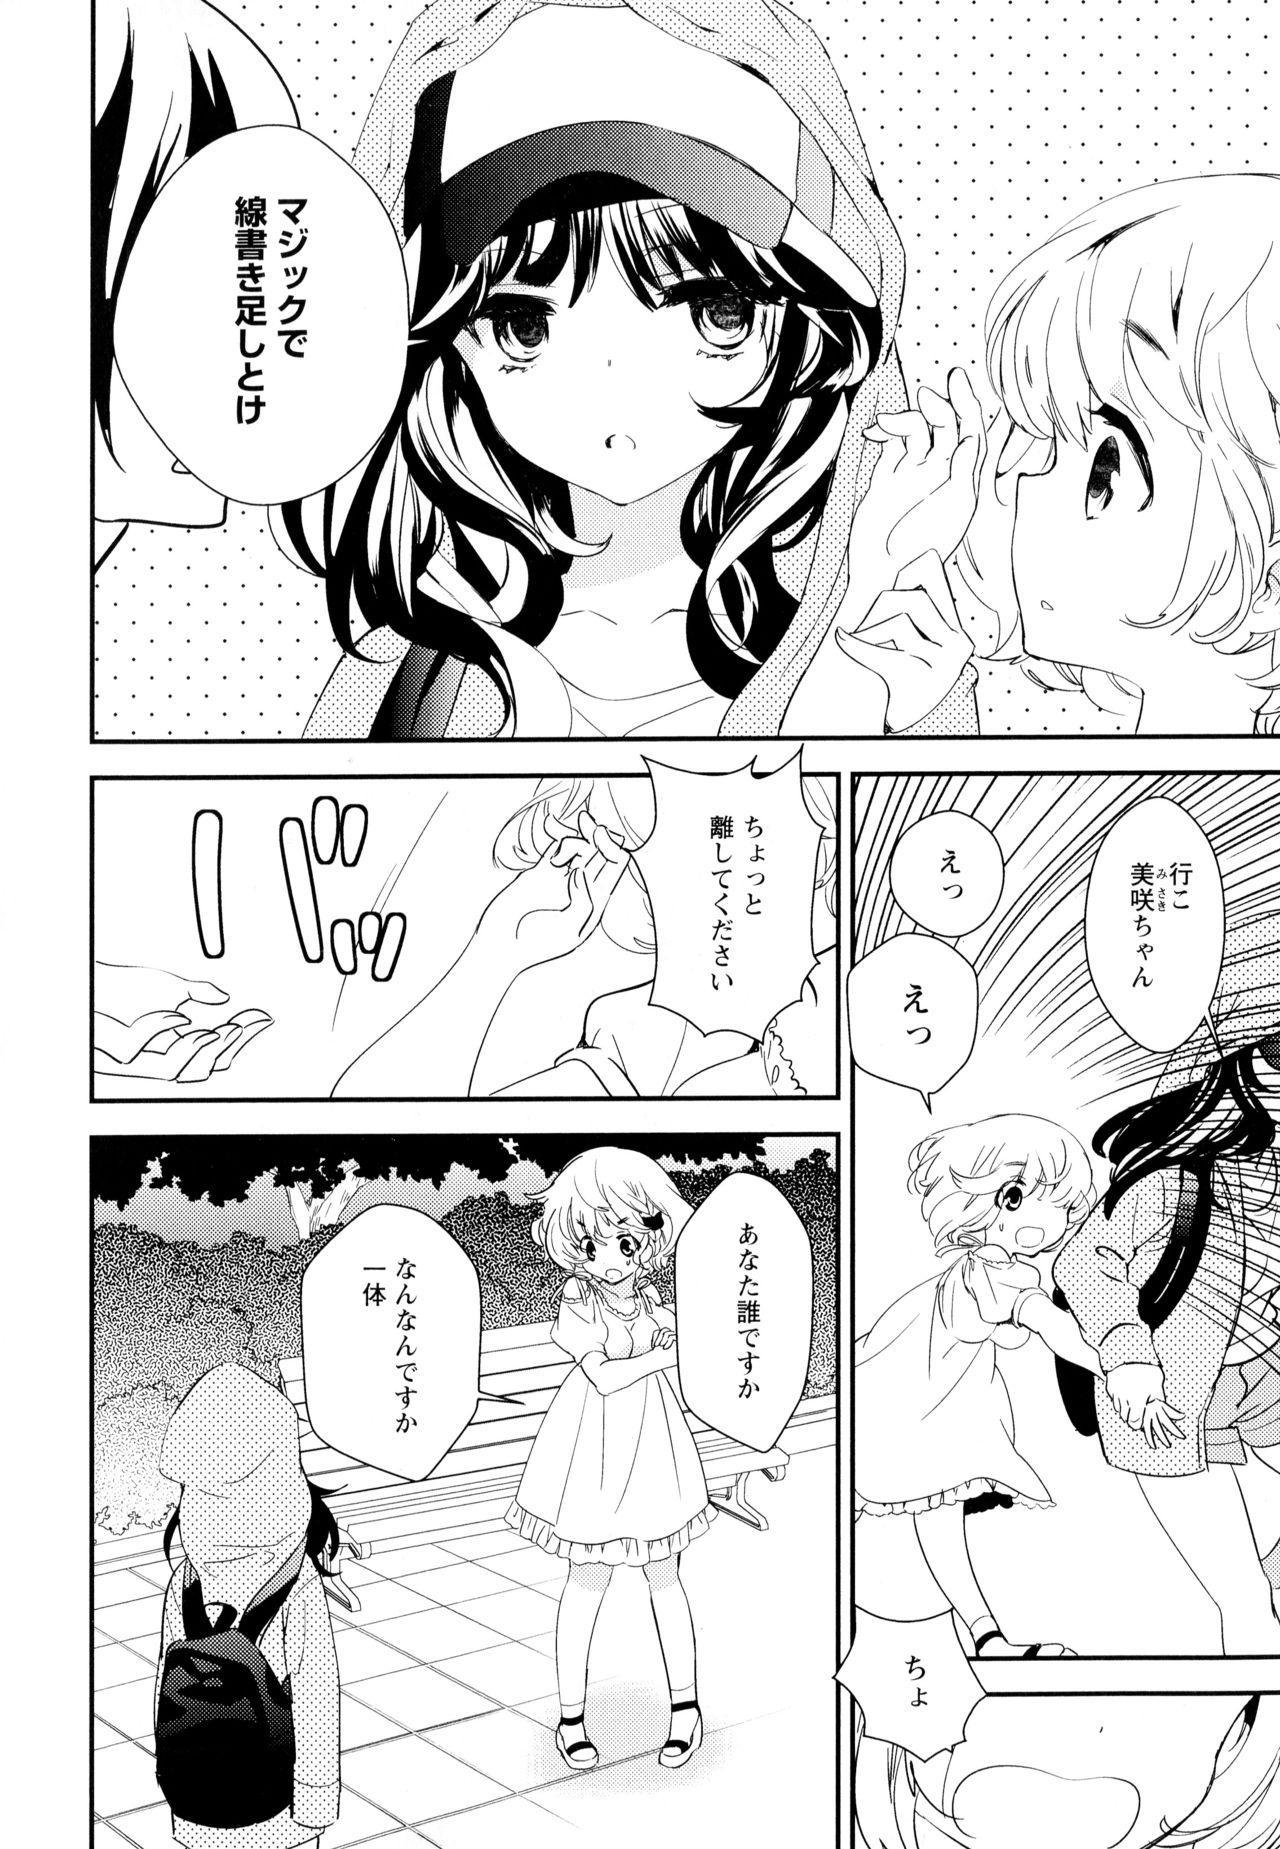 Aya Yuri Vol. 5 51